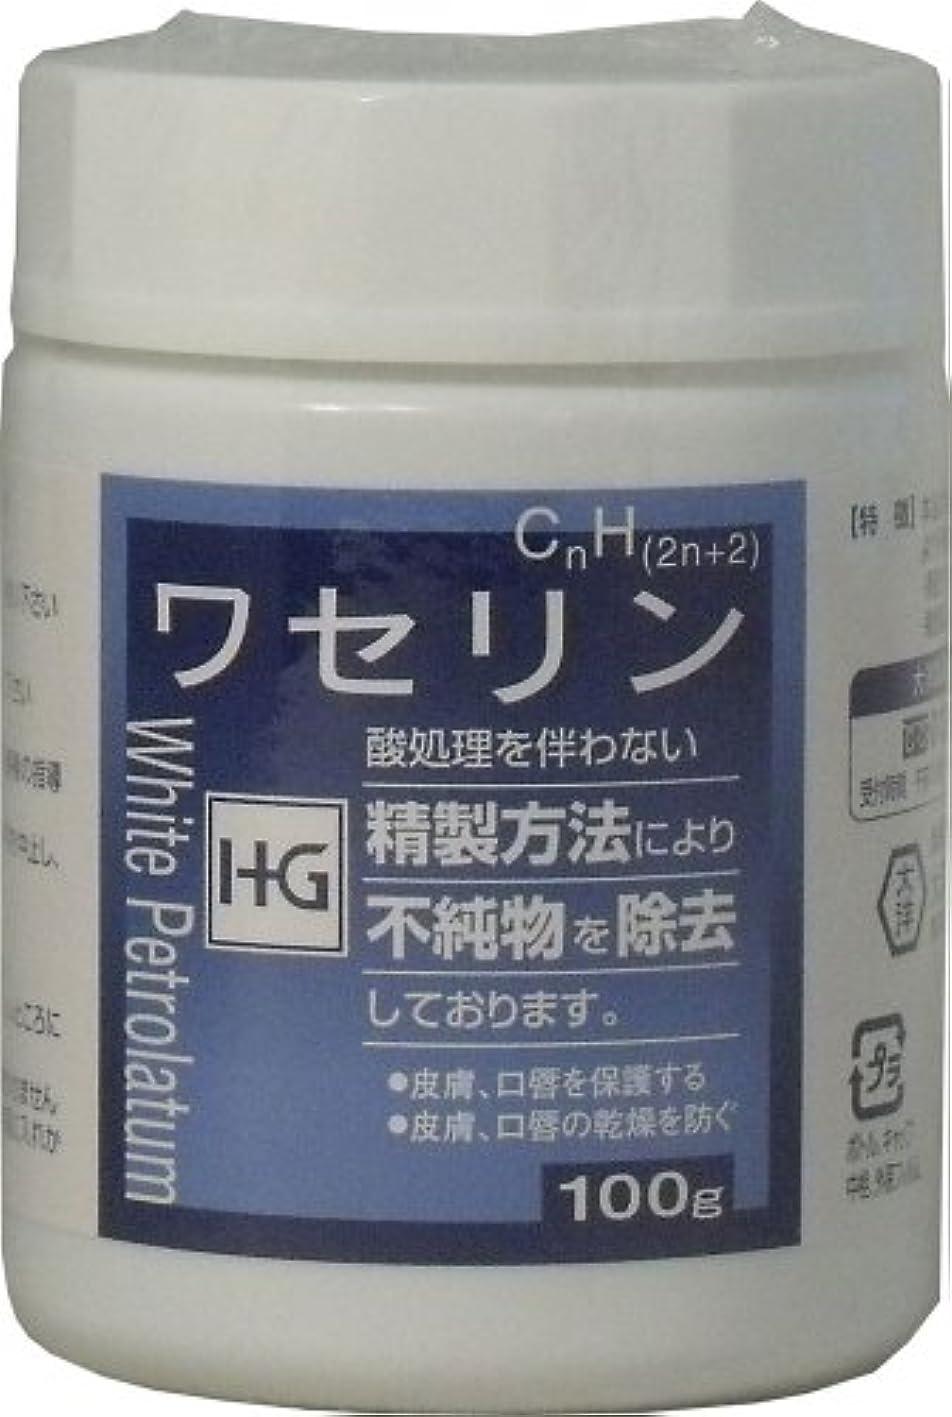 薄汚いどこにも増幅皮膚保護 ワセリンHG 100g ×3個セット